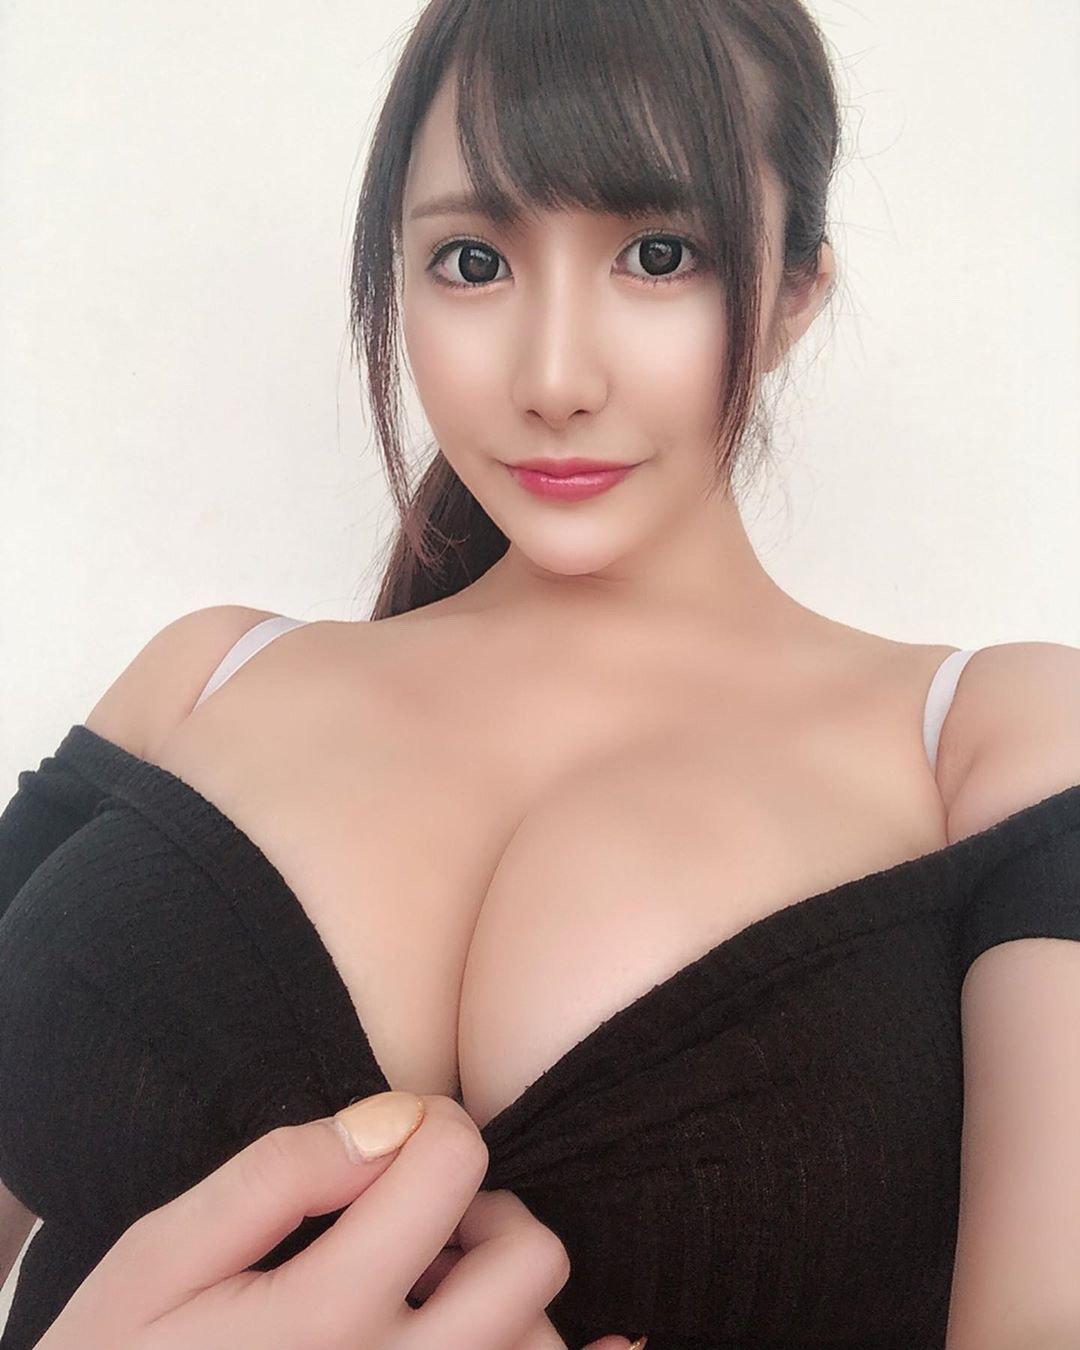 大胸长腿身材惹火的混血美女主播赵芷彤 妹子图 热图1